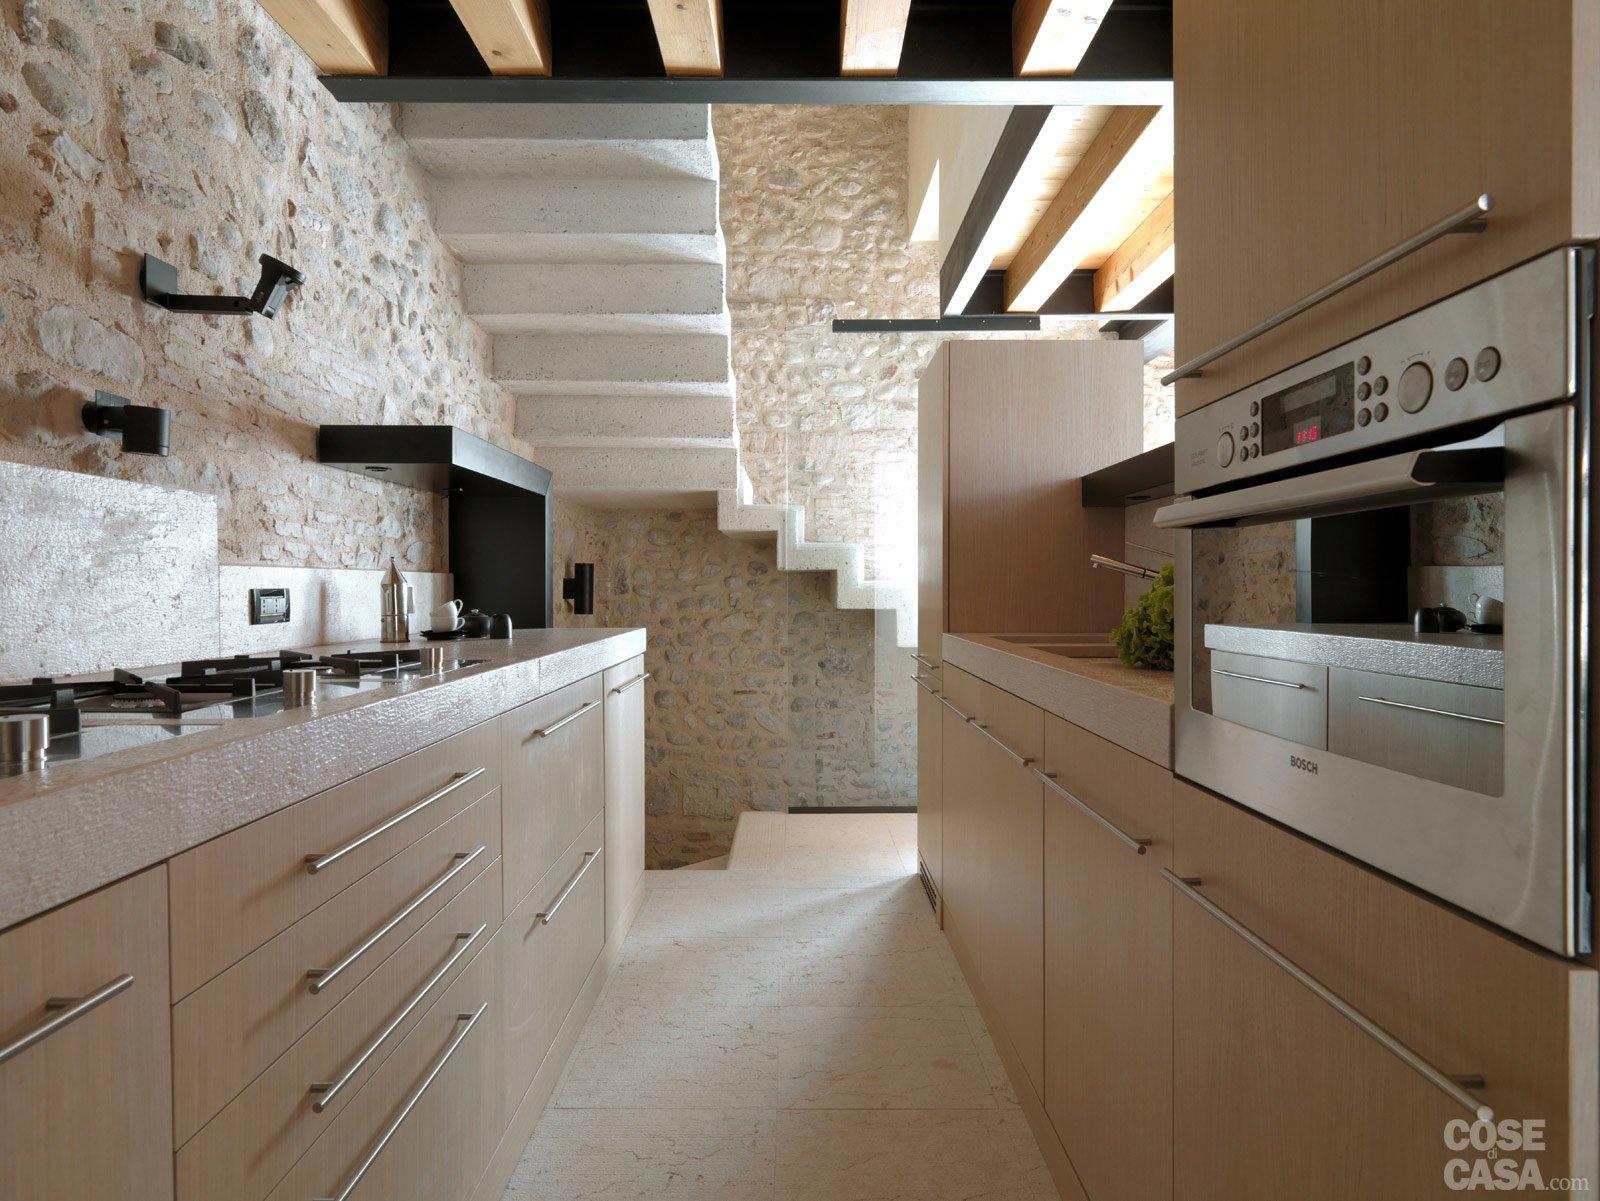 Legno e pietra a vista nella casa restaurata cose di casa for Ad giornale di arredamento